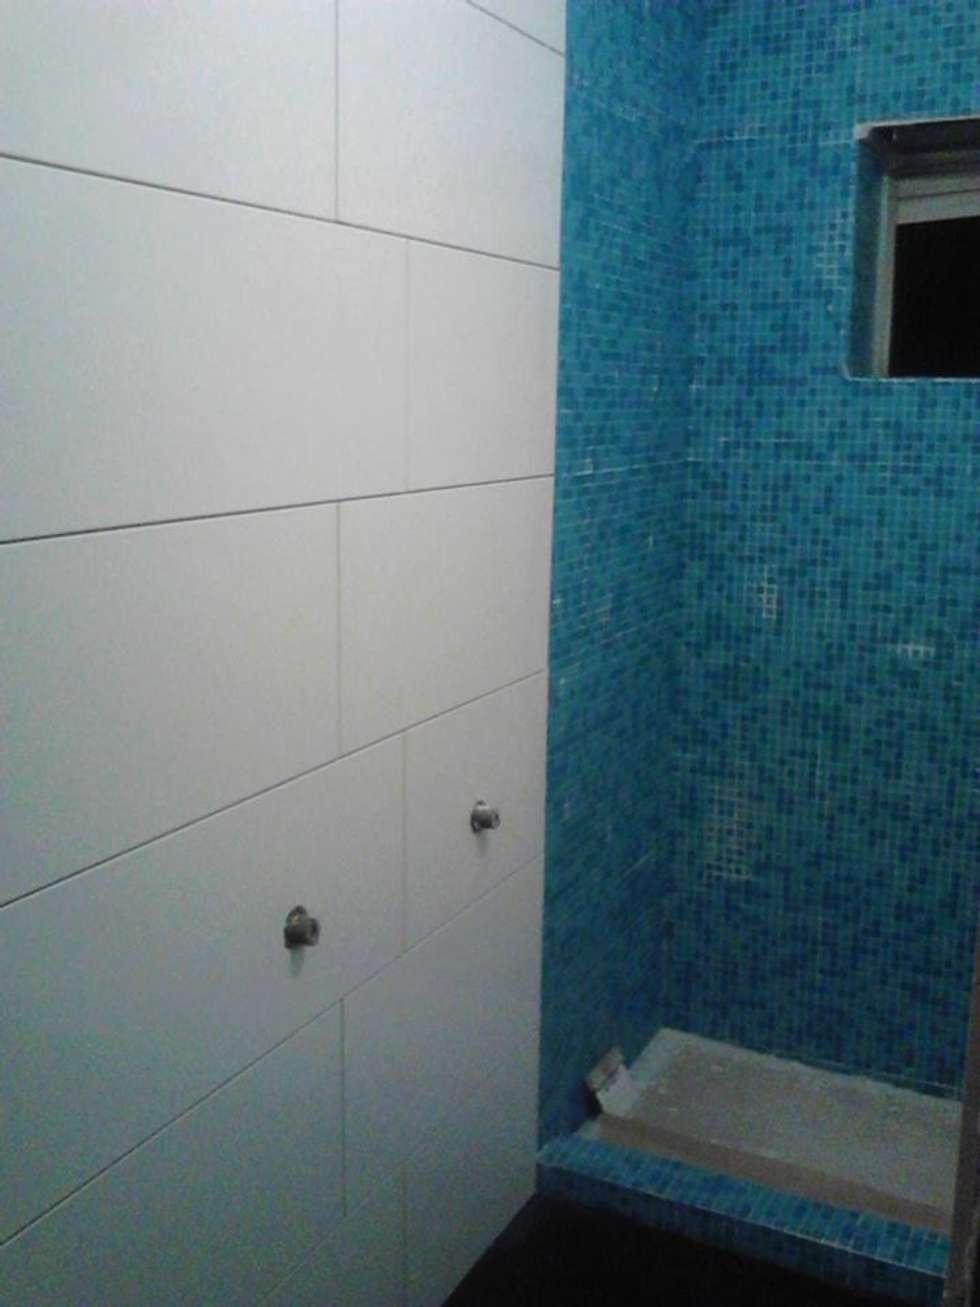 Renovação de w.c: Casas de banho modernas por Officina de Interiores